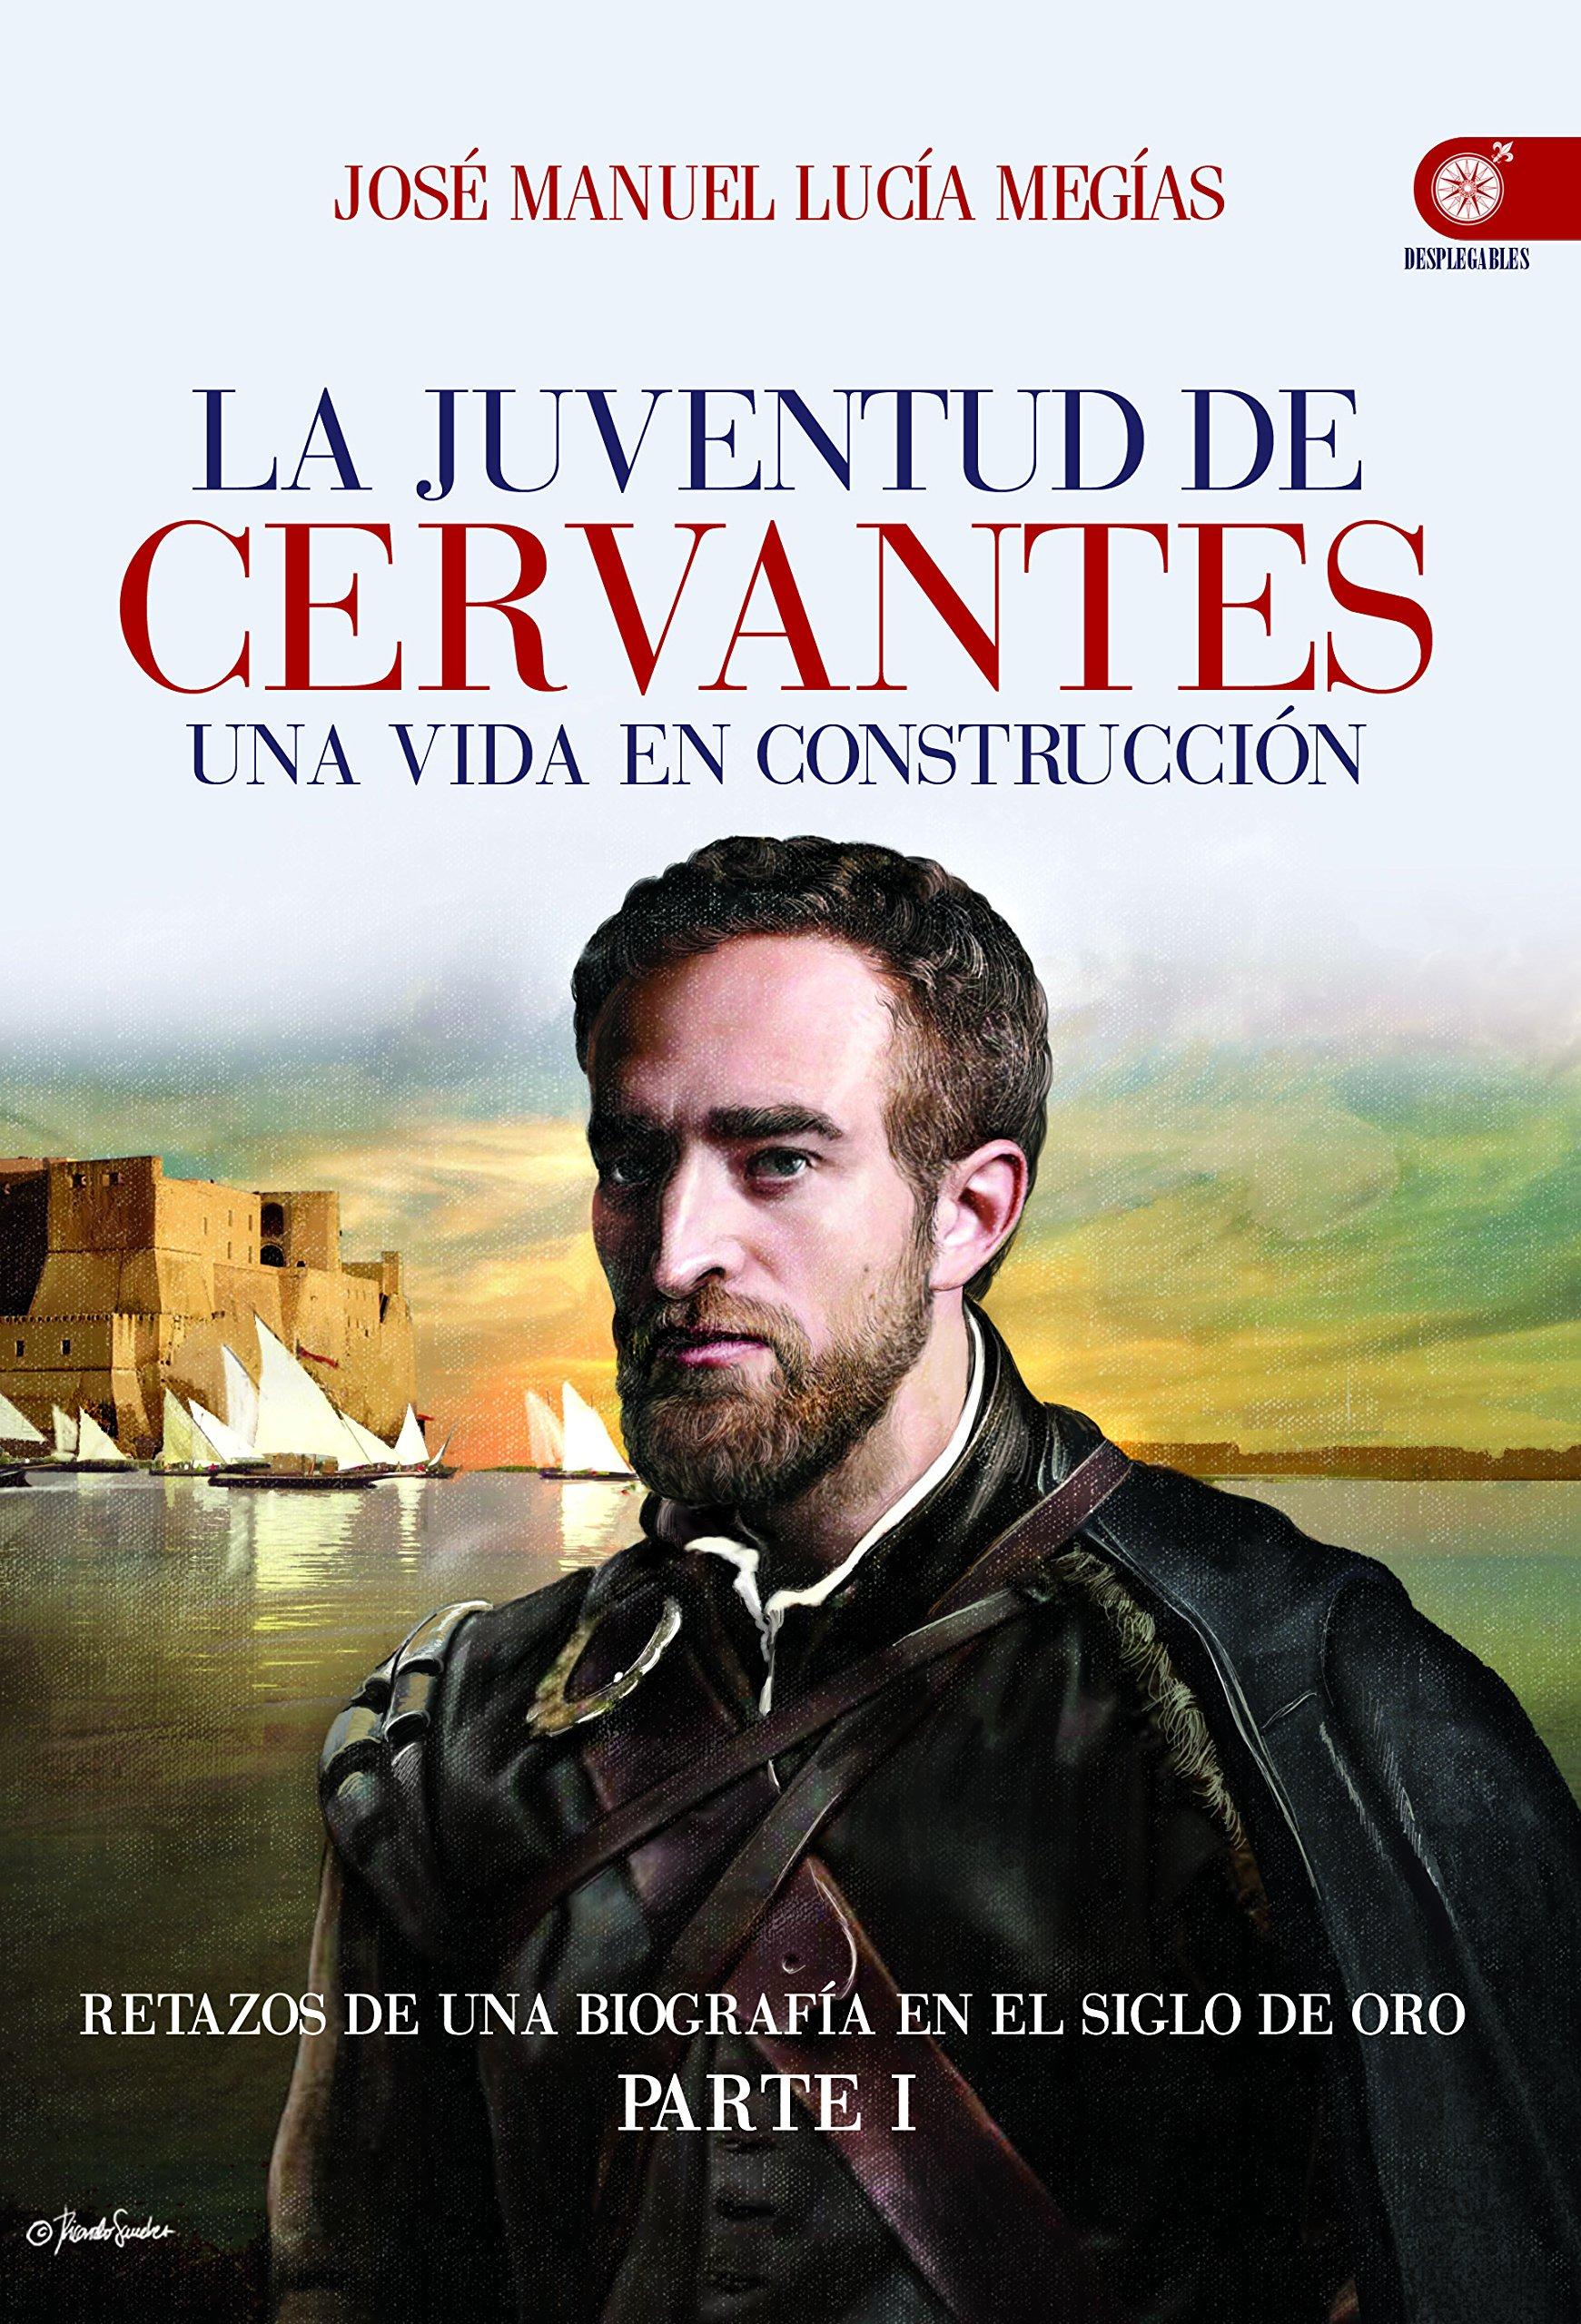 La juventud de Cervantes: una vida en construcción (parte I). J. M. Lucía Megías